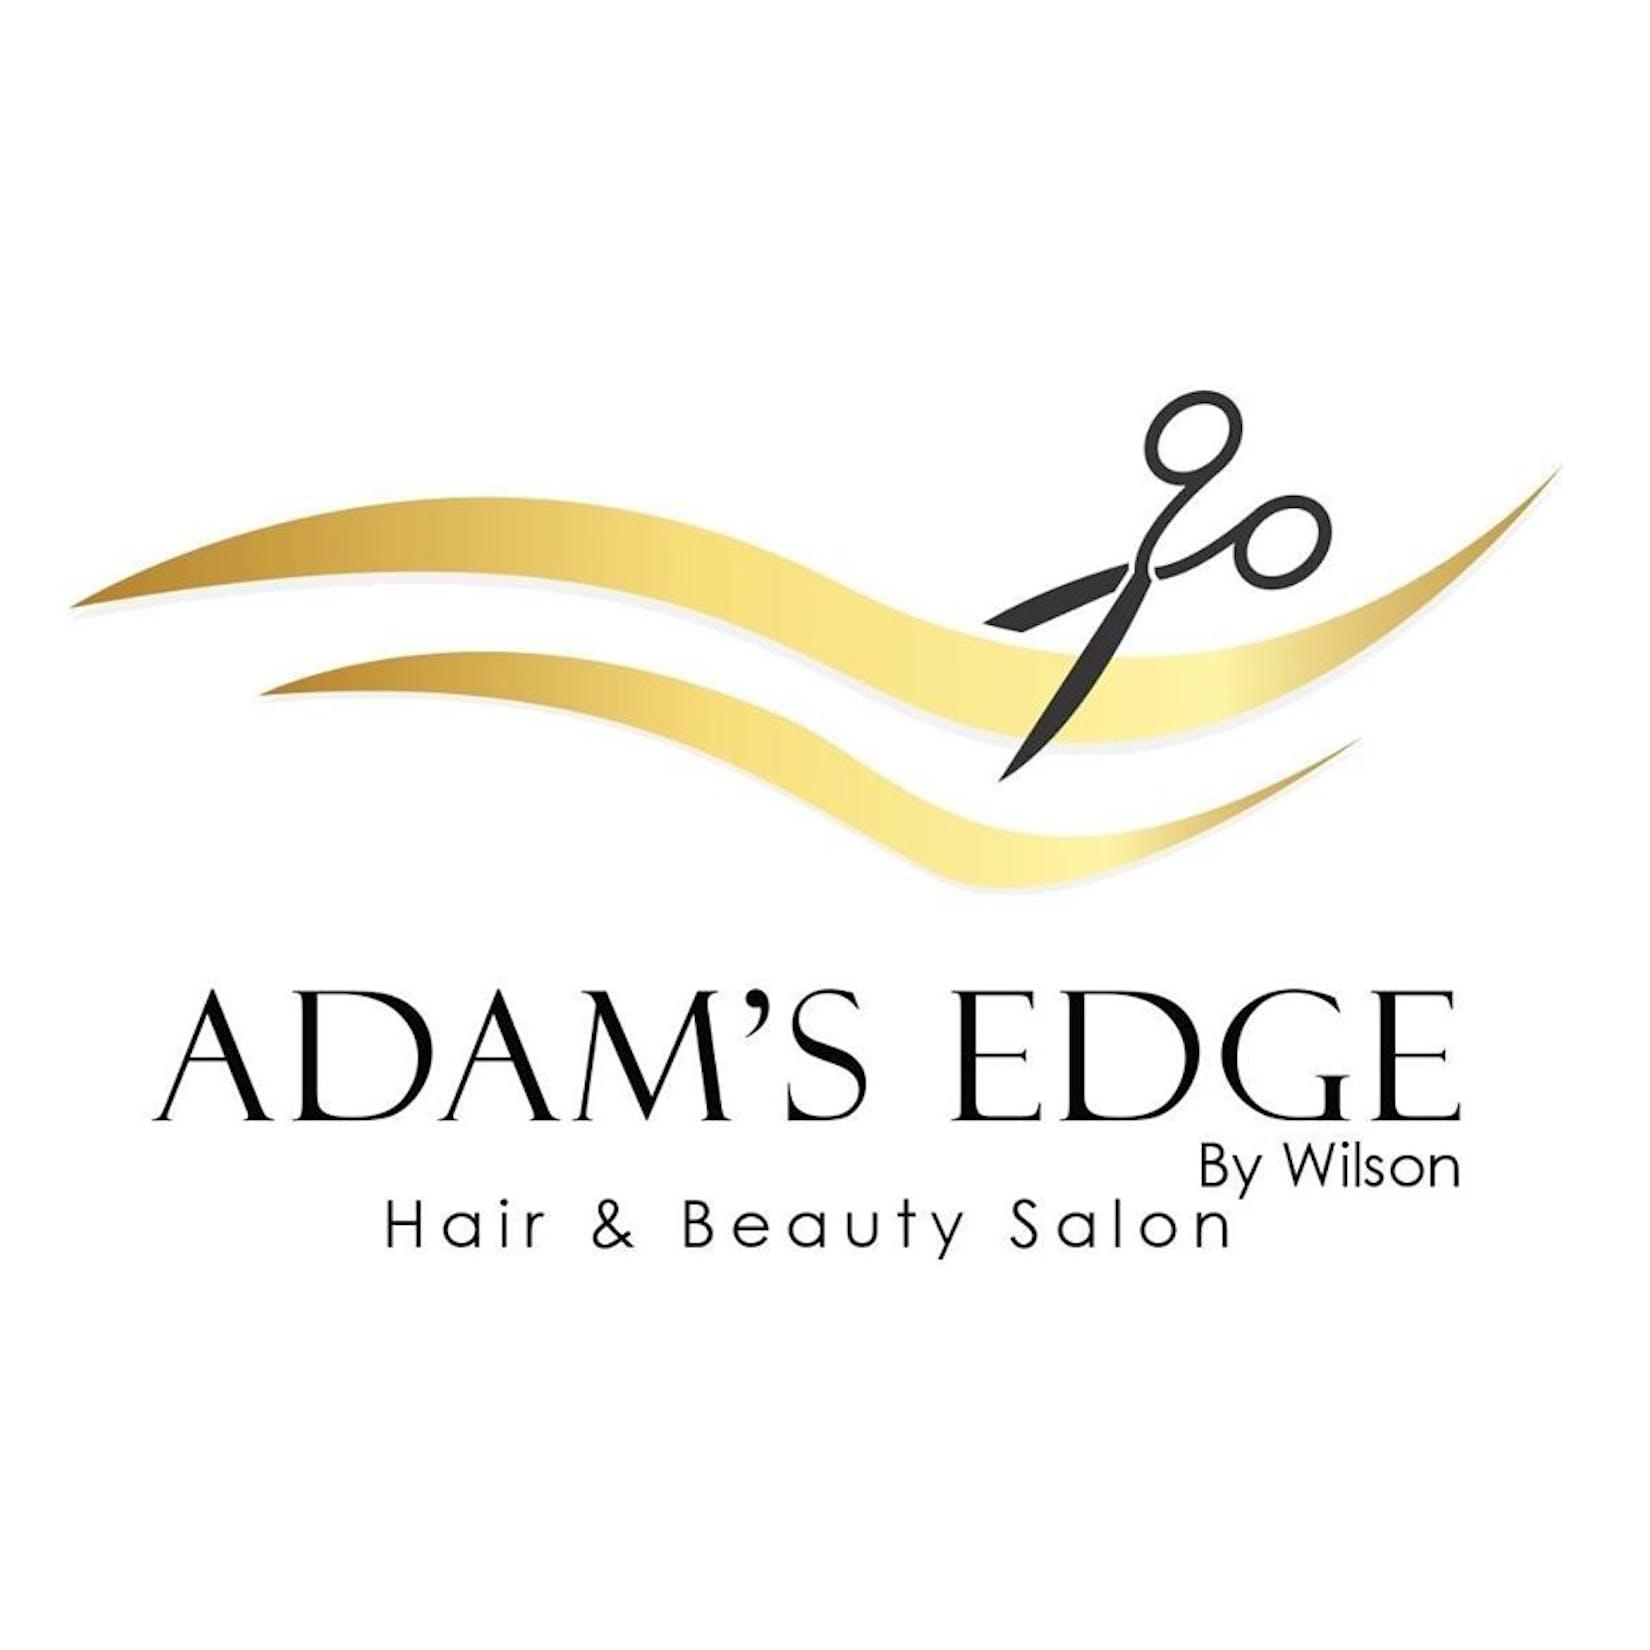 Adam's Edge - Hair & Beauty Salon | Beauty